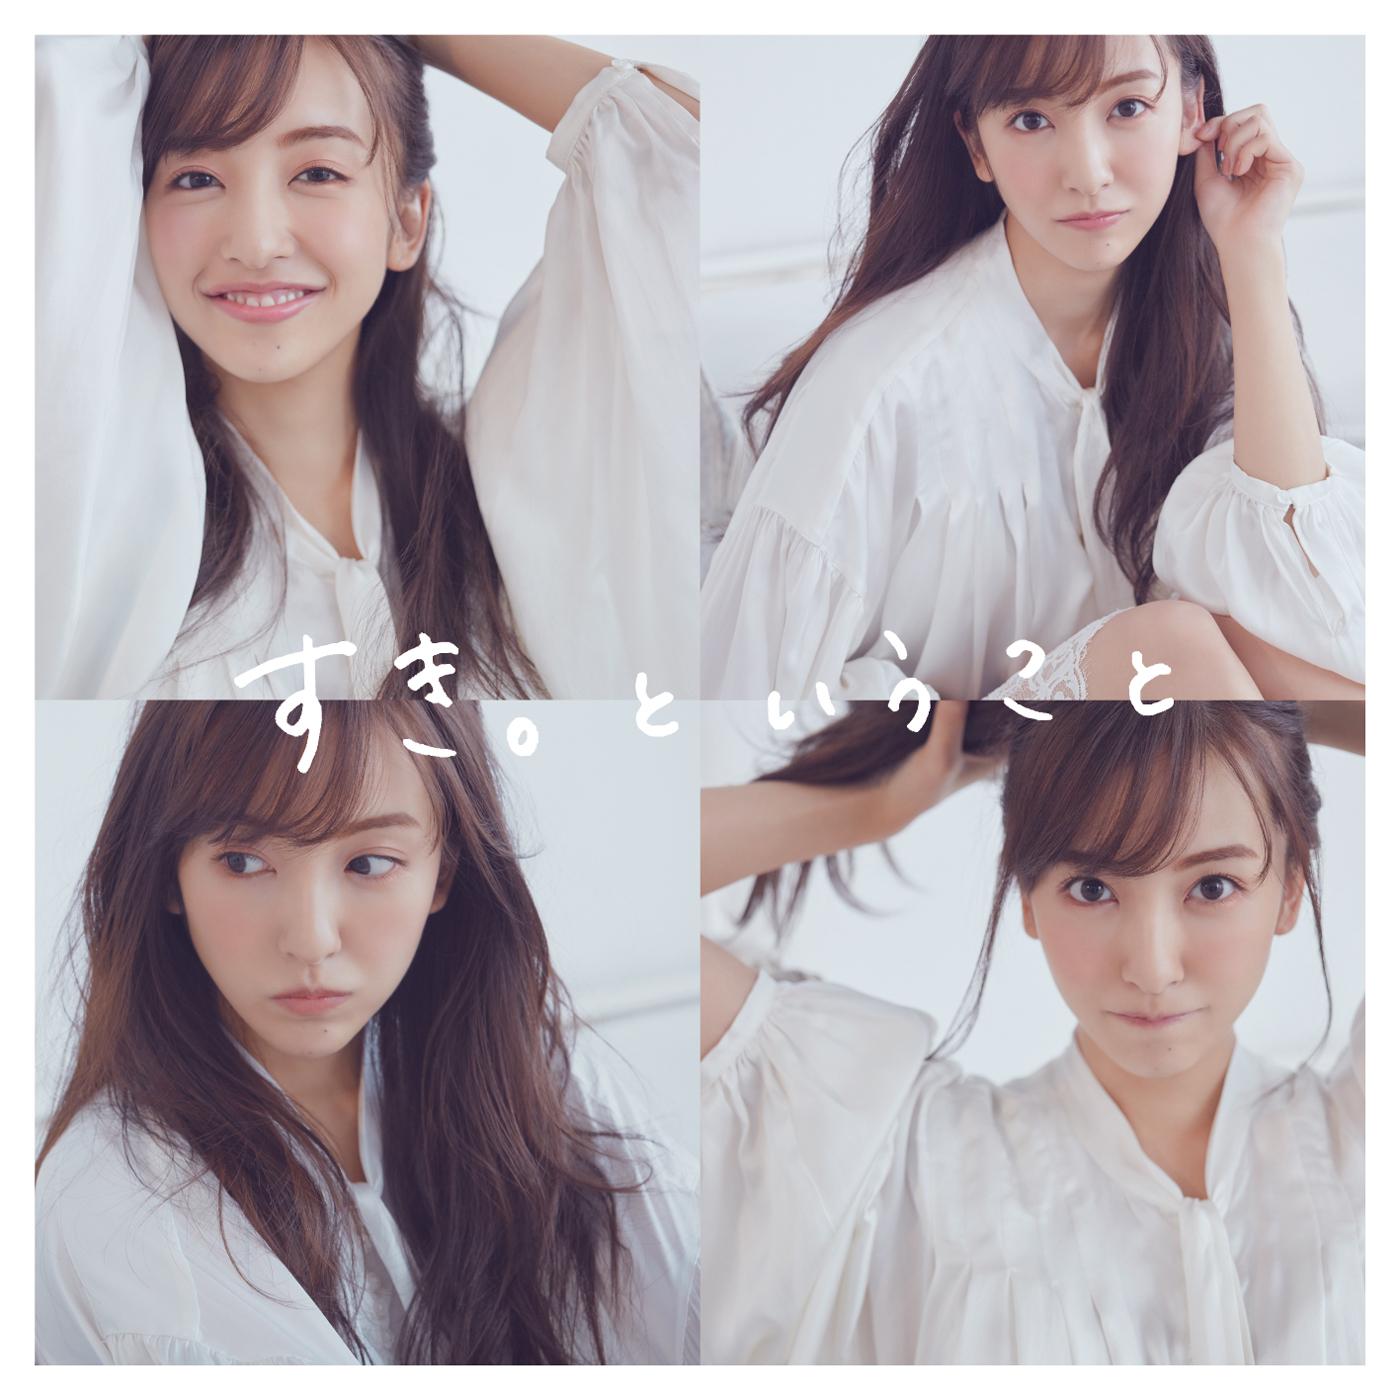 20190218.0153.08 Tomomi Itano - Suki. To Iu Koto cover 1.jpg